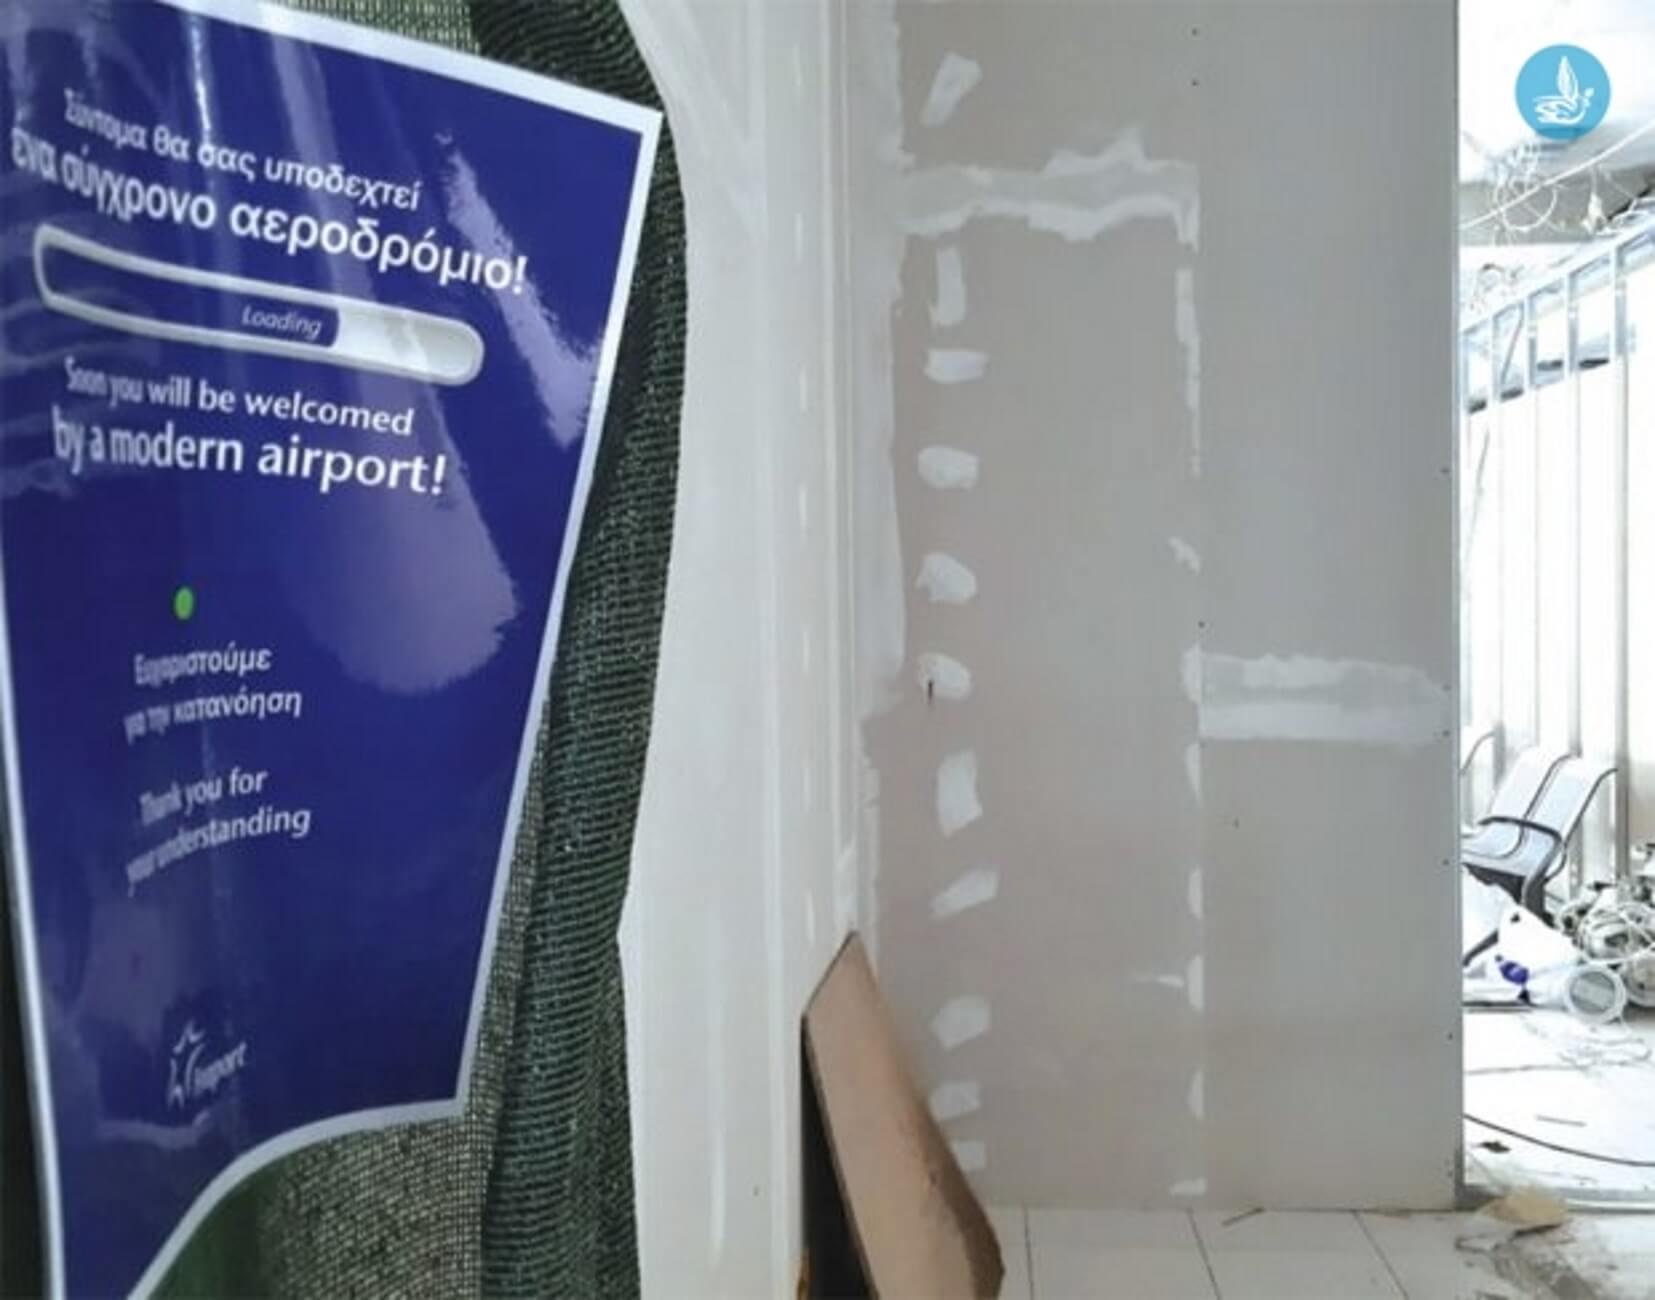 """Ρόδος: Προβληματίζουν οι εικόνες στο αεροδρόμιο """"Διαγόρας"""" – Τα πλάνα που προκαλούν αντιδράσεις [pics]"""